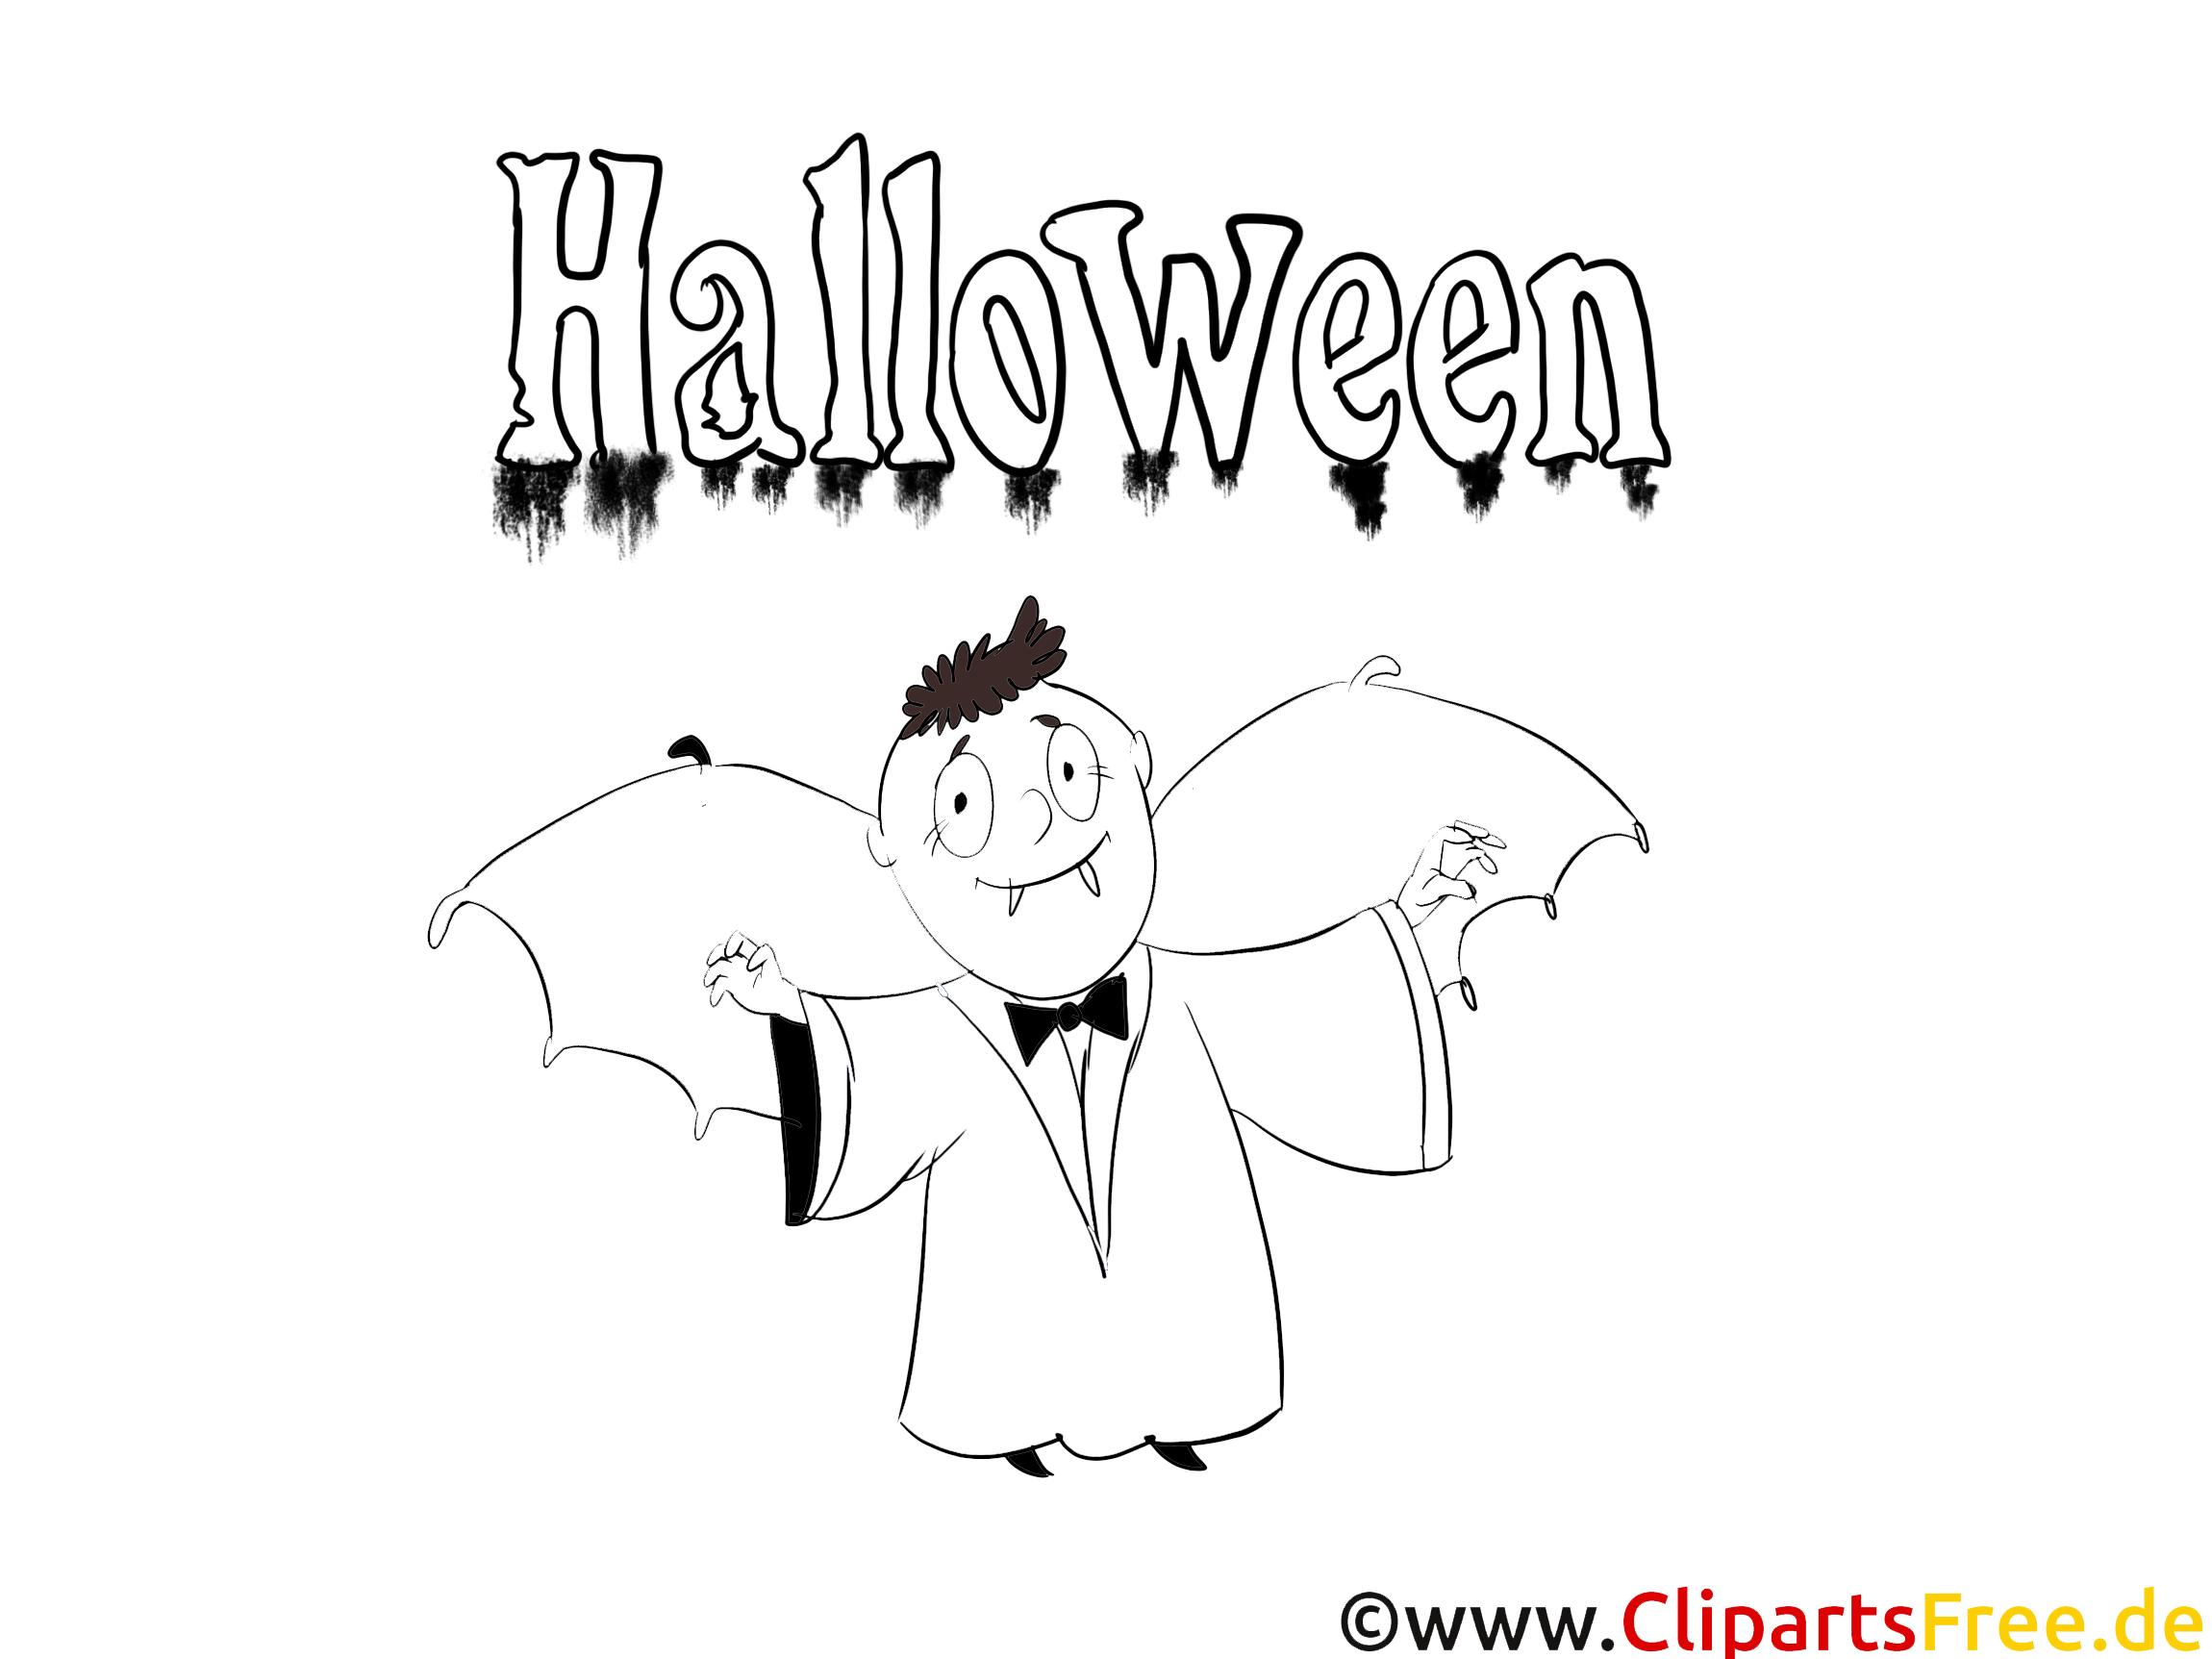 Kostenlose Ausmalbilder für Kinder zu Halloween